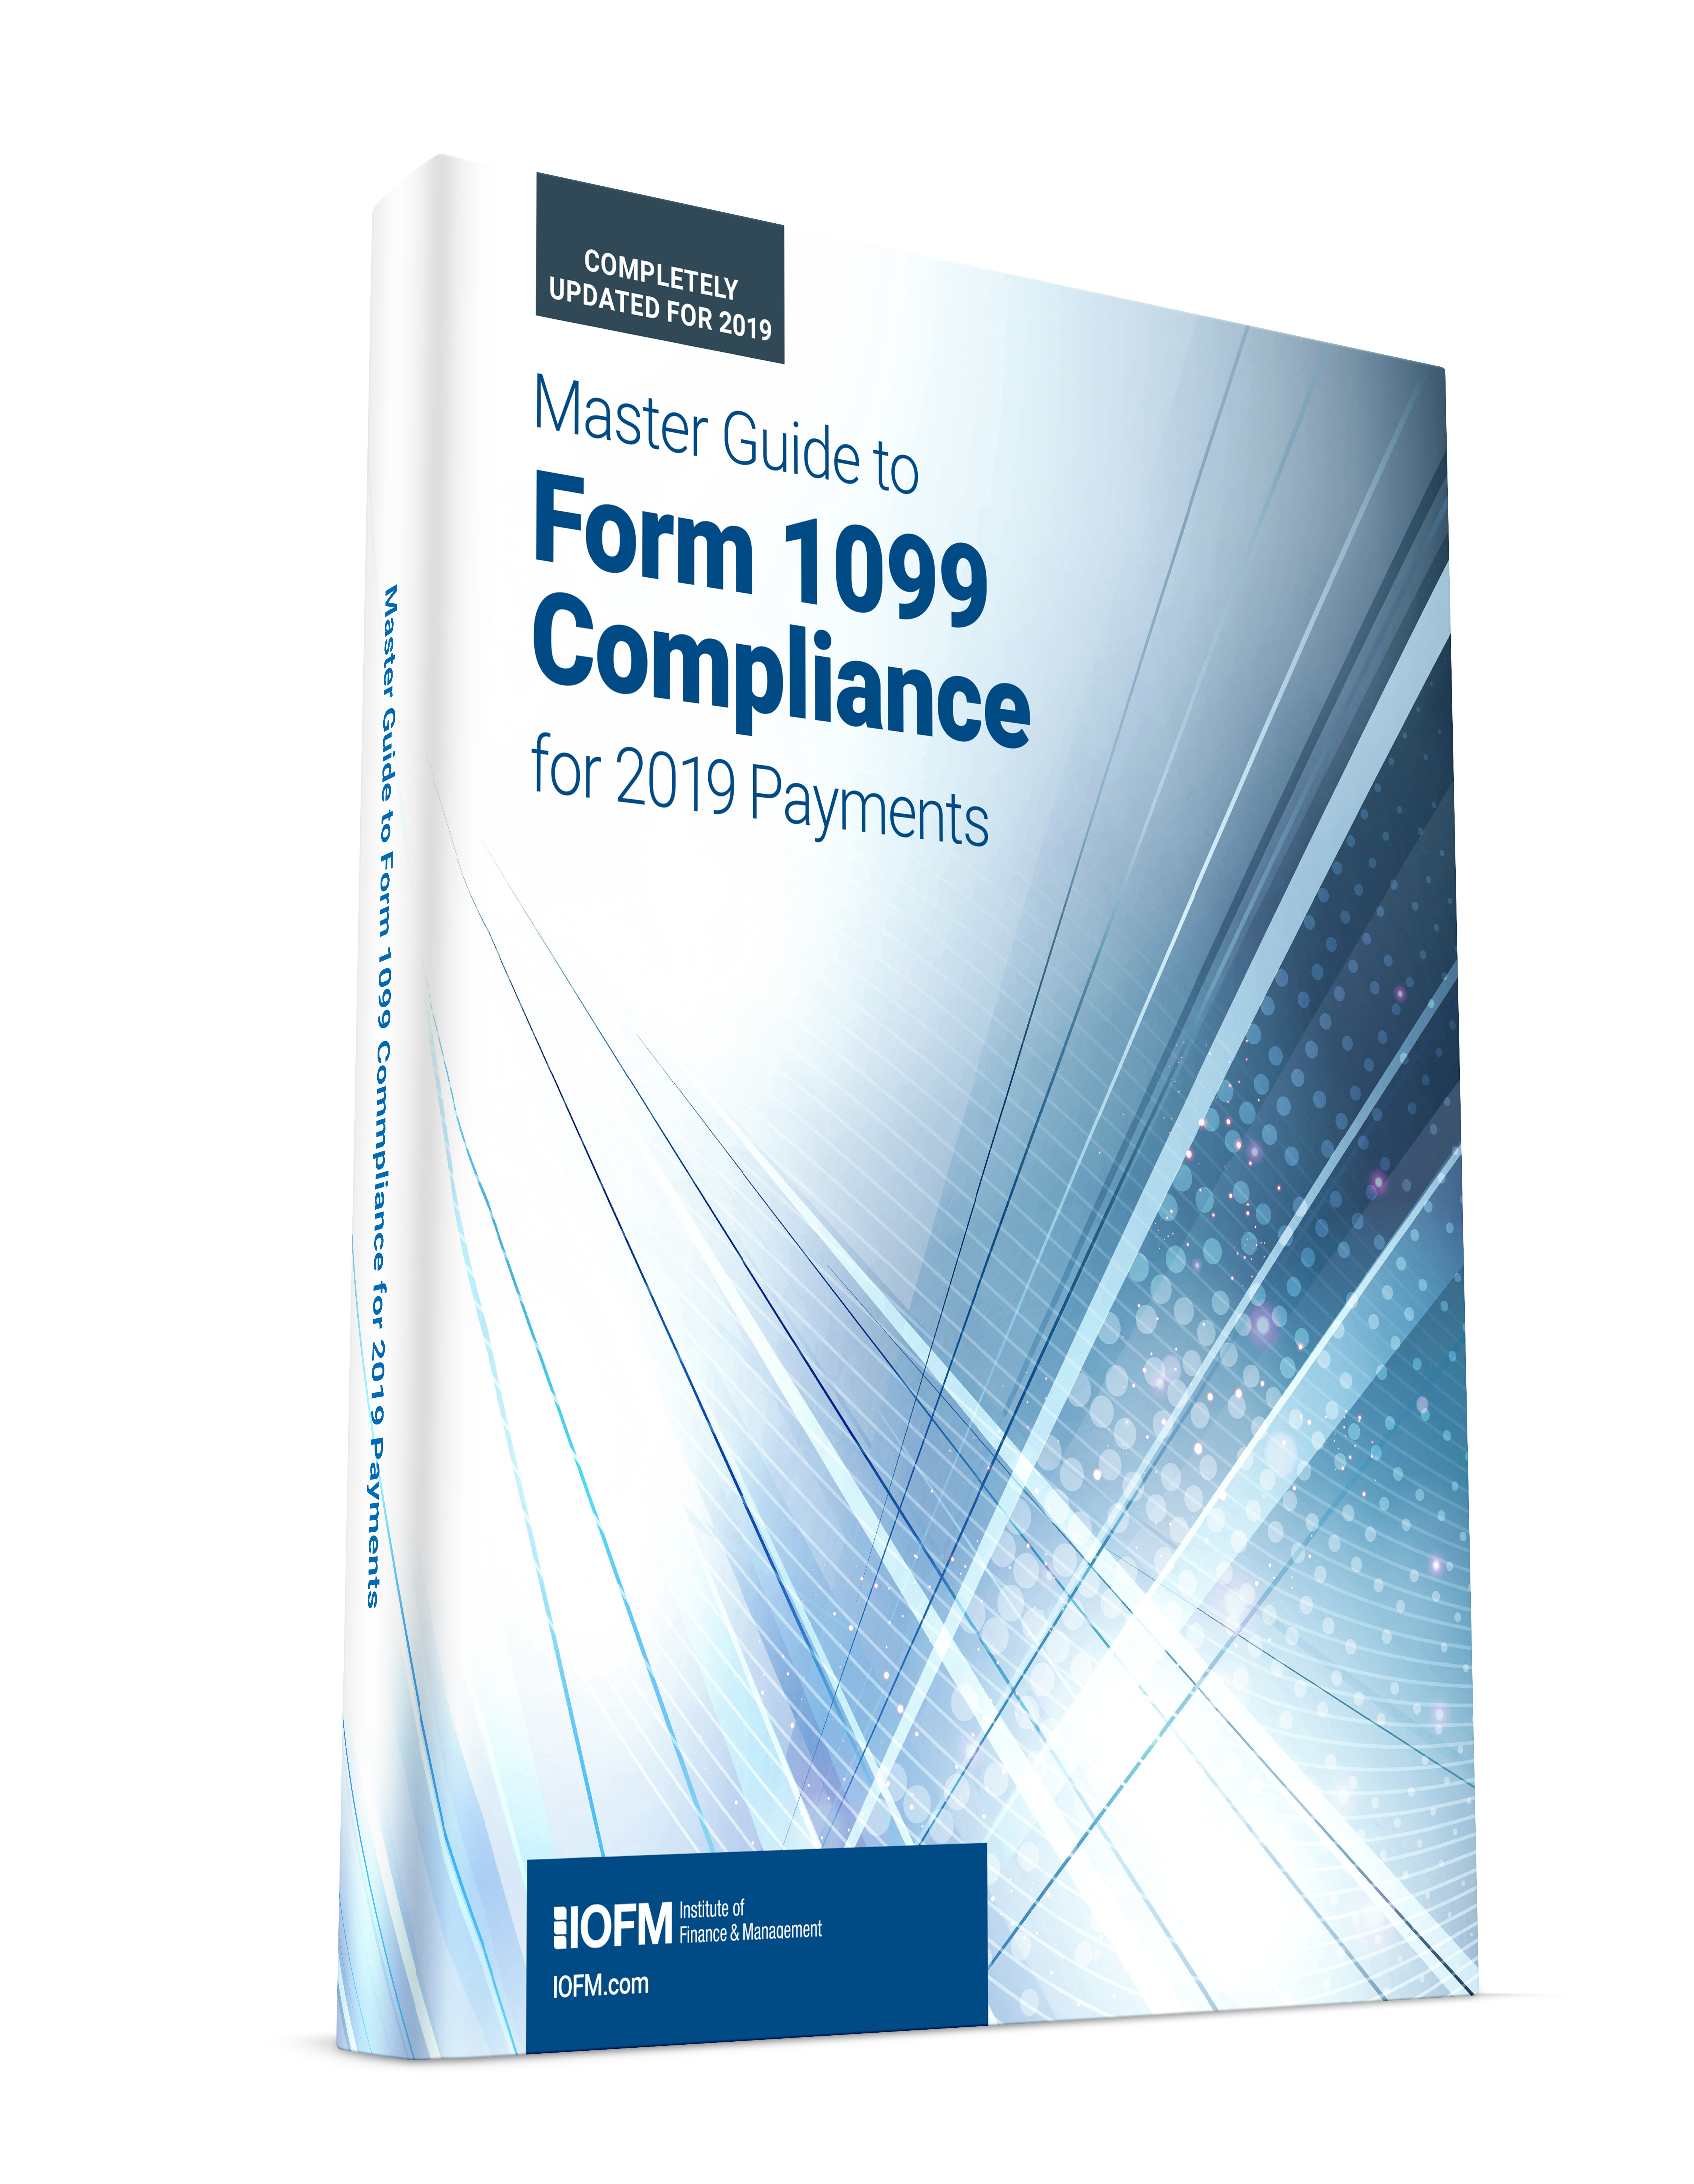 1099 Master Guide Cover 2019 3D.jpg